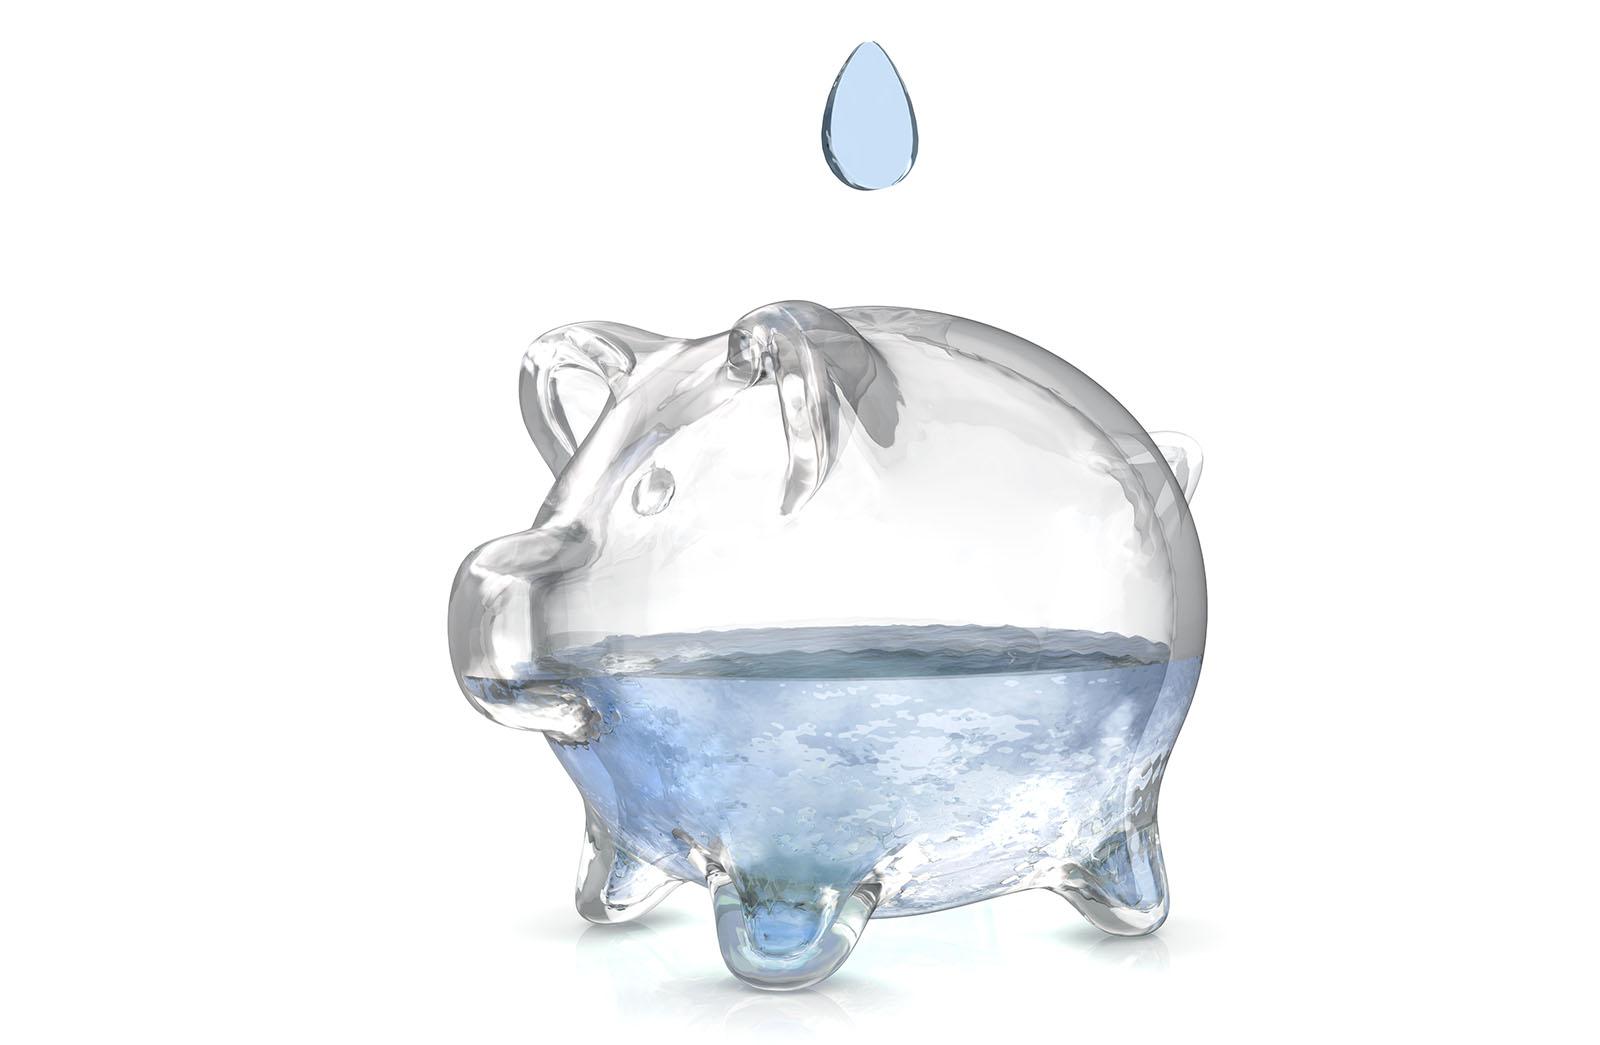 Water Saving Tips Mokher Plumbing